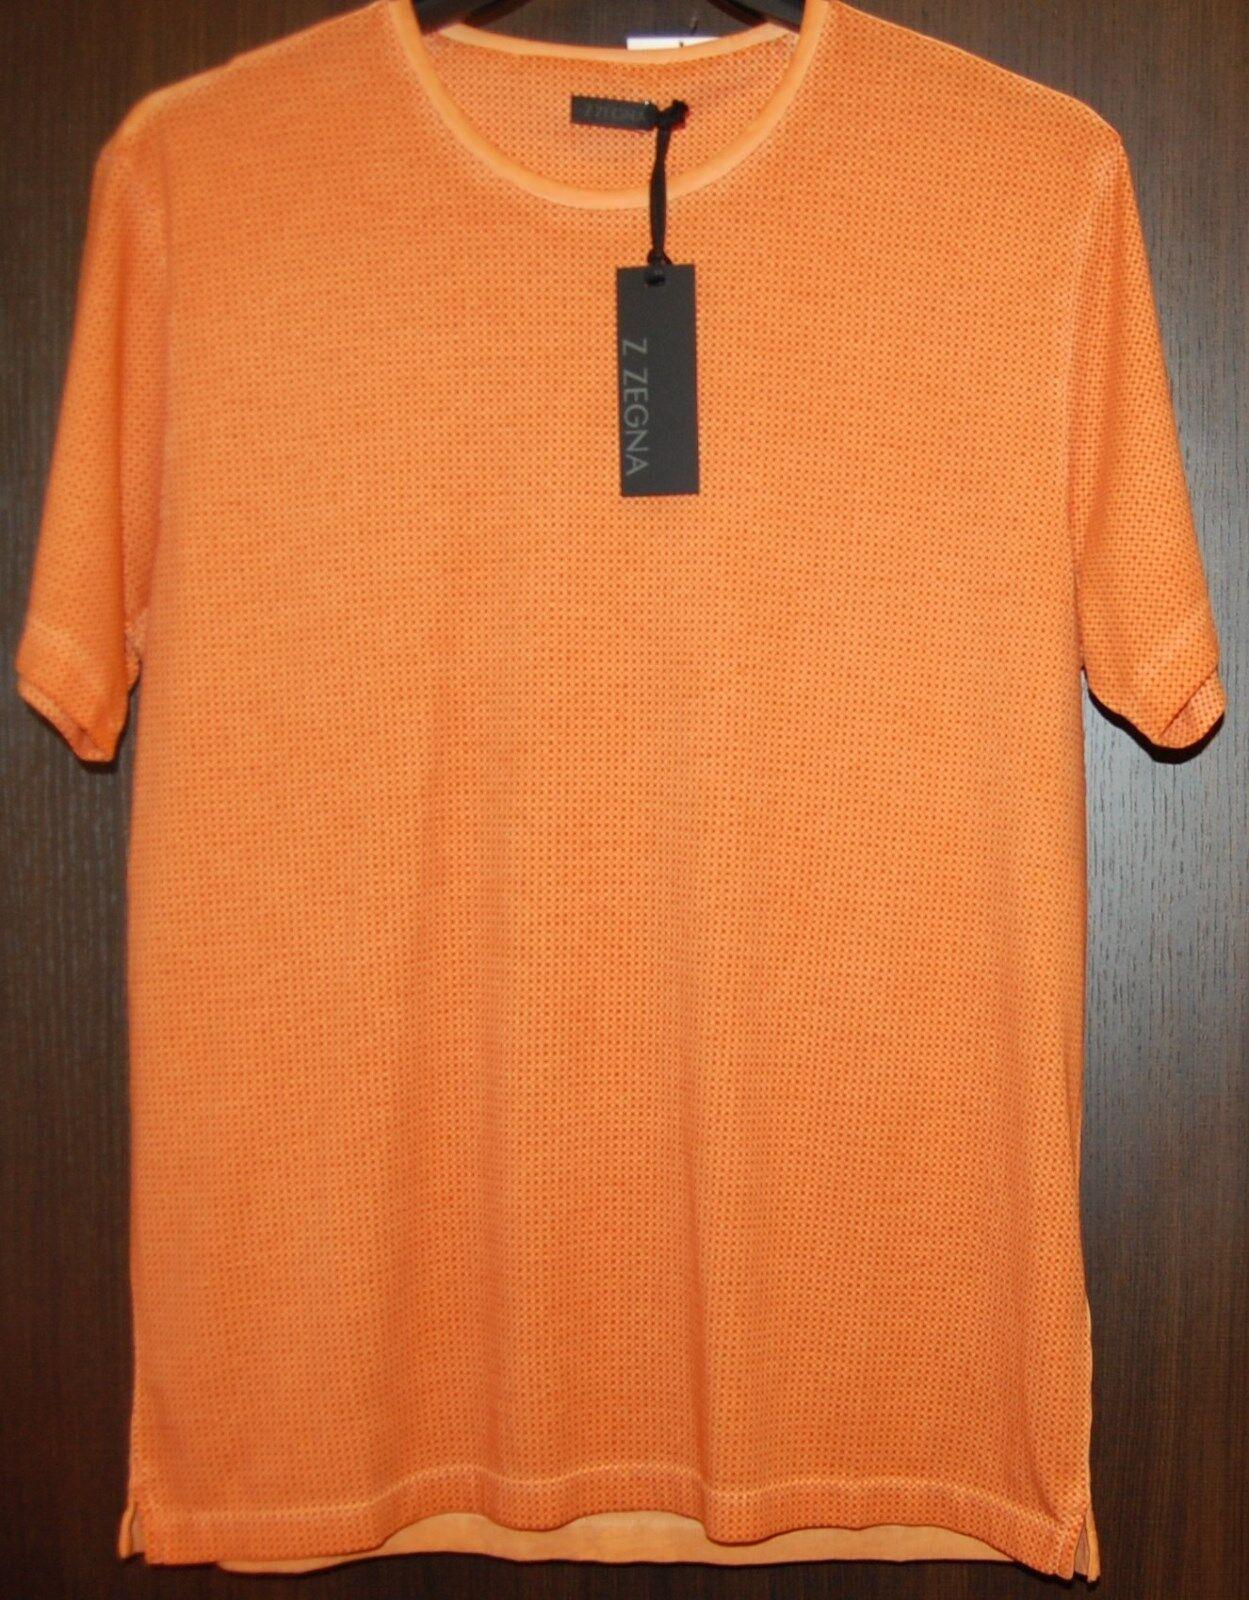 Z Zegna AUTHENTIC Men's orange Dots Cotton T-Shirt Shirt Sz L